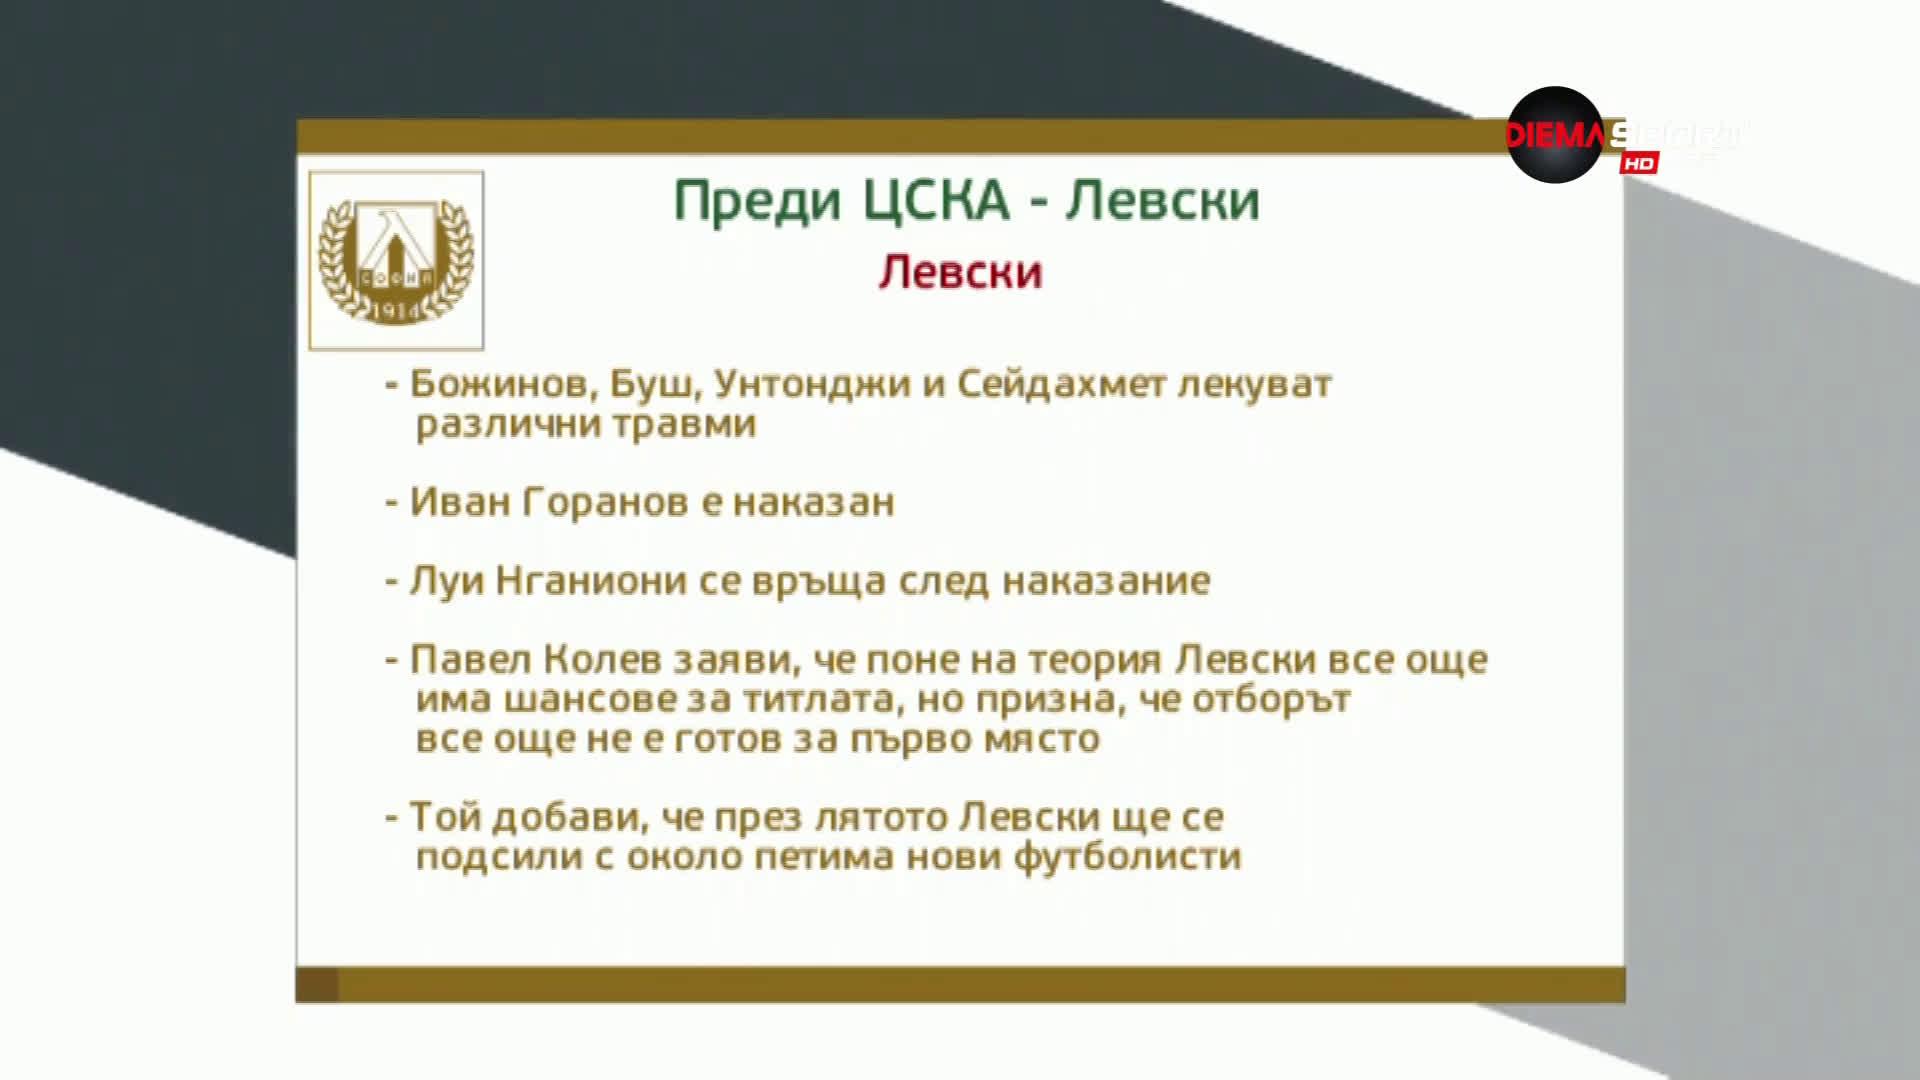 Преди ЦСКА - Левски